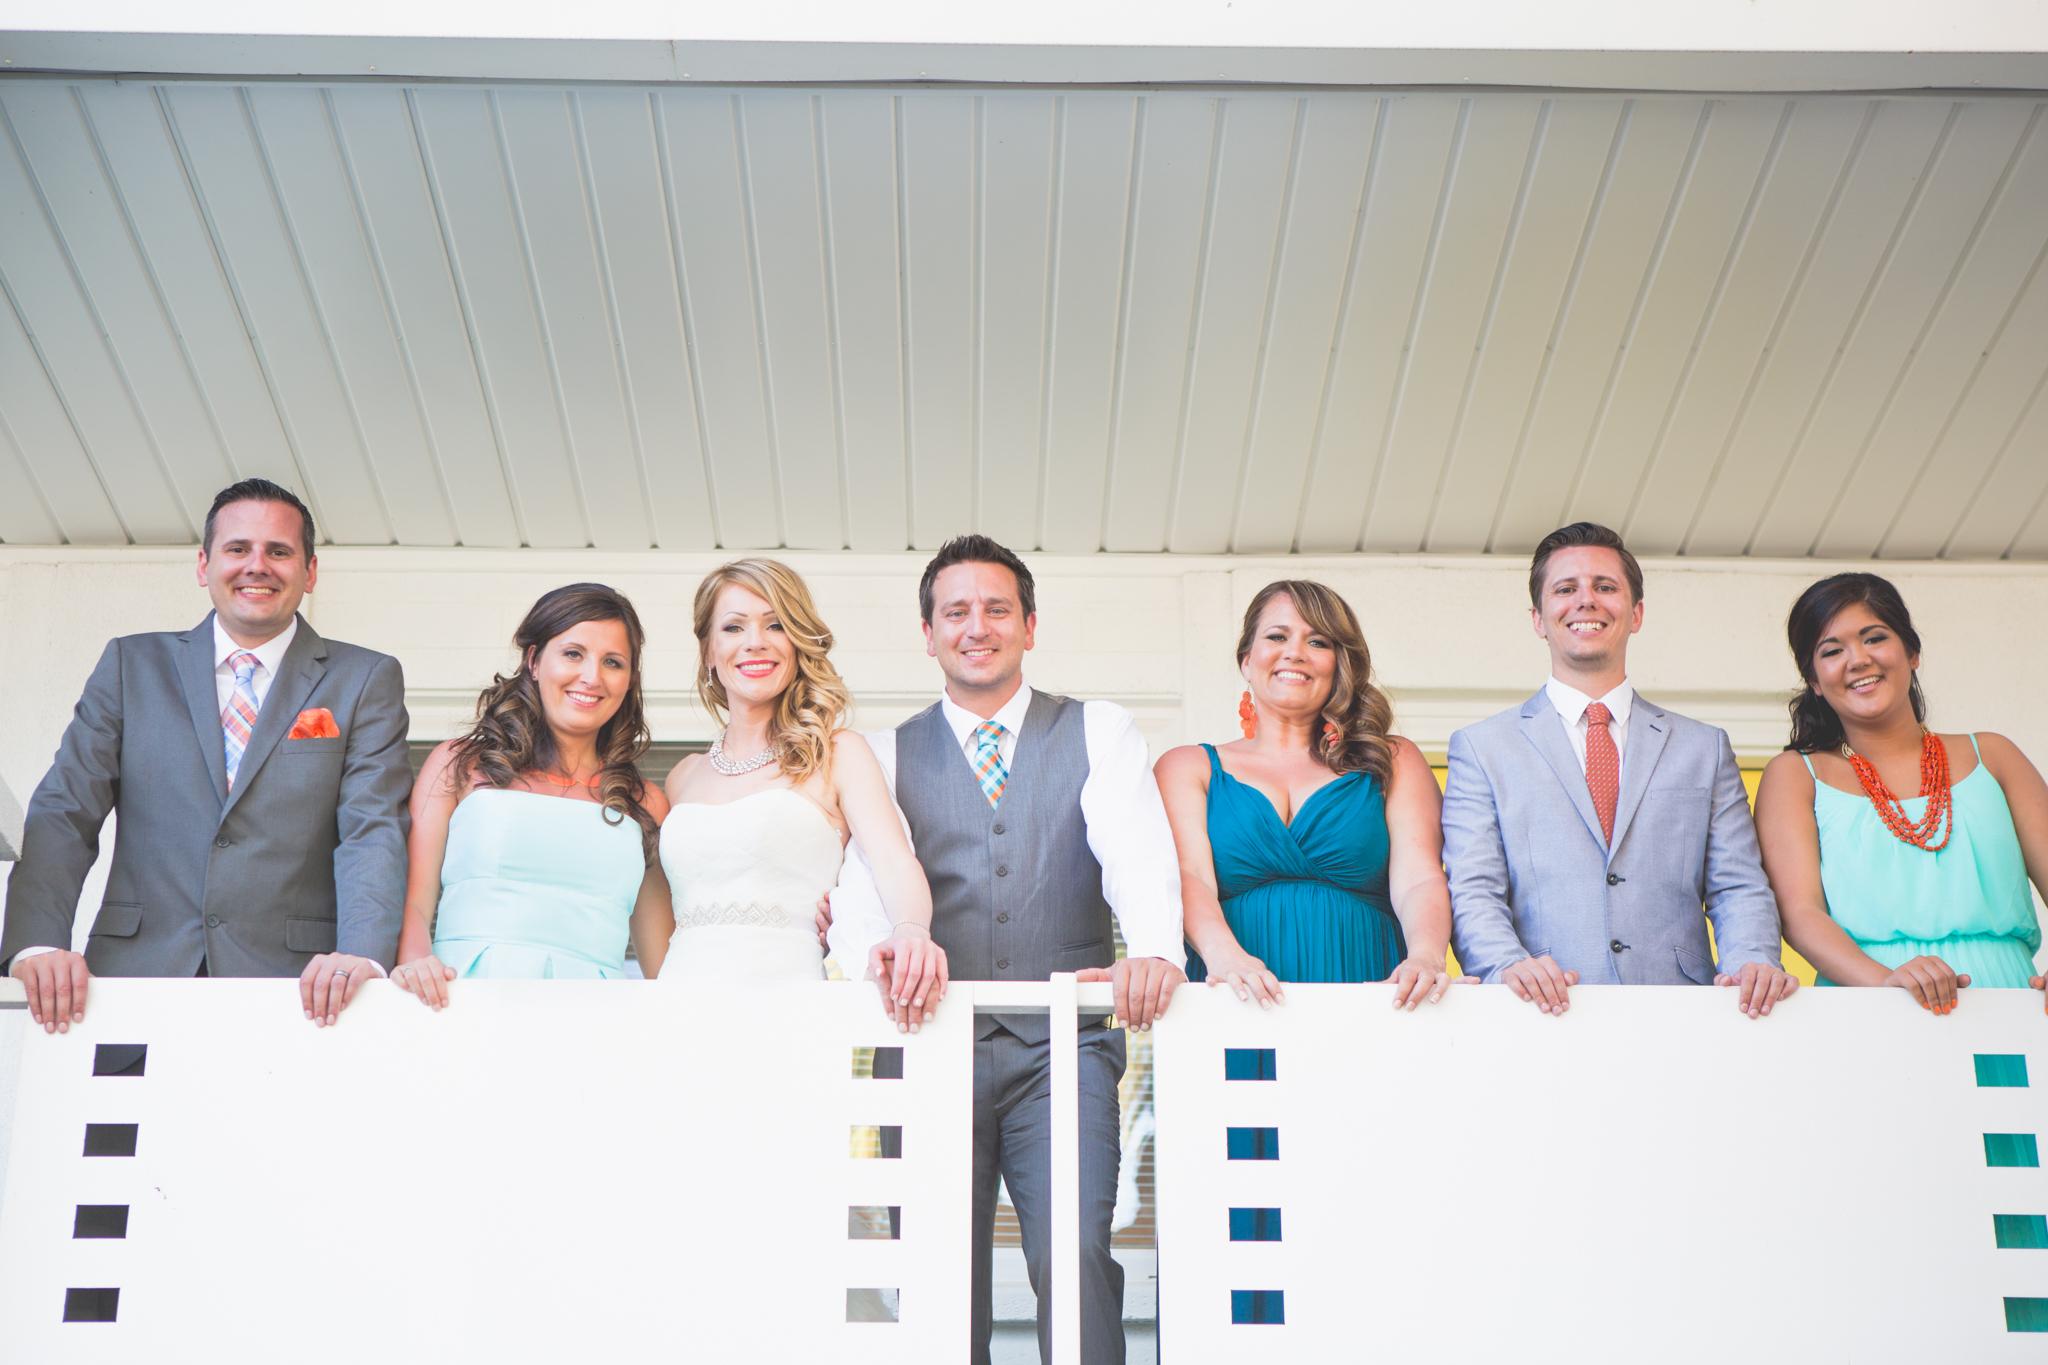 scottsdale-wedding-photographer-el-dorado-bride-groom-siblings-balcony